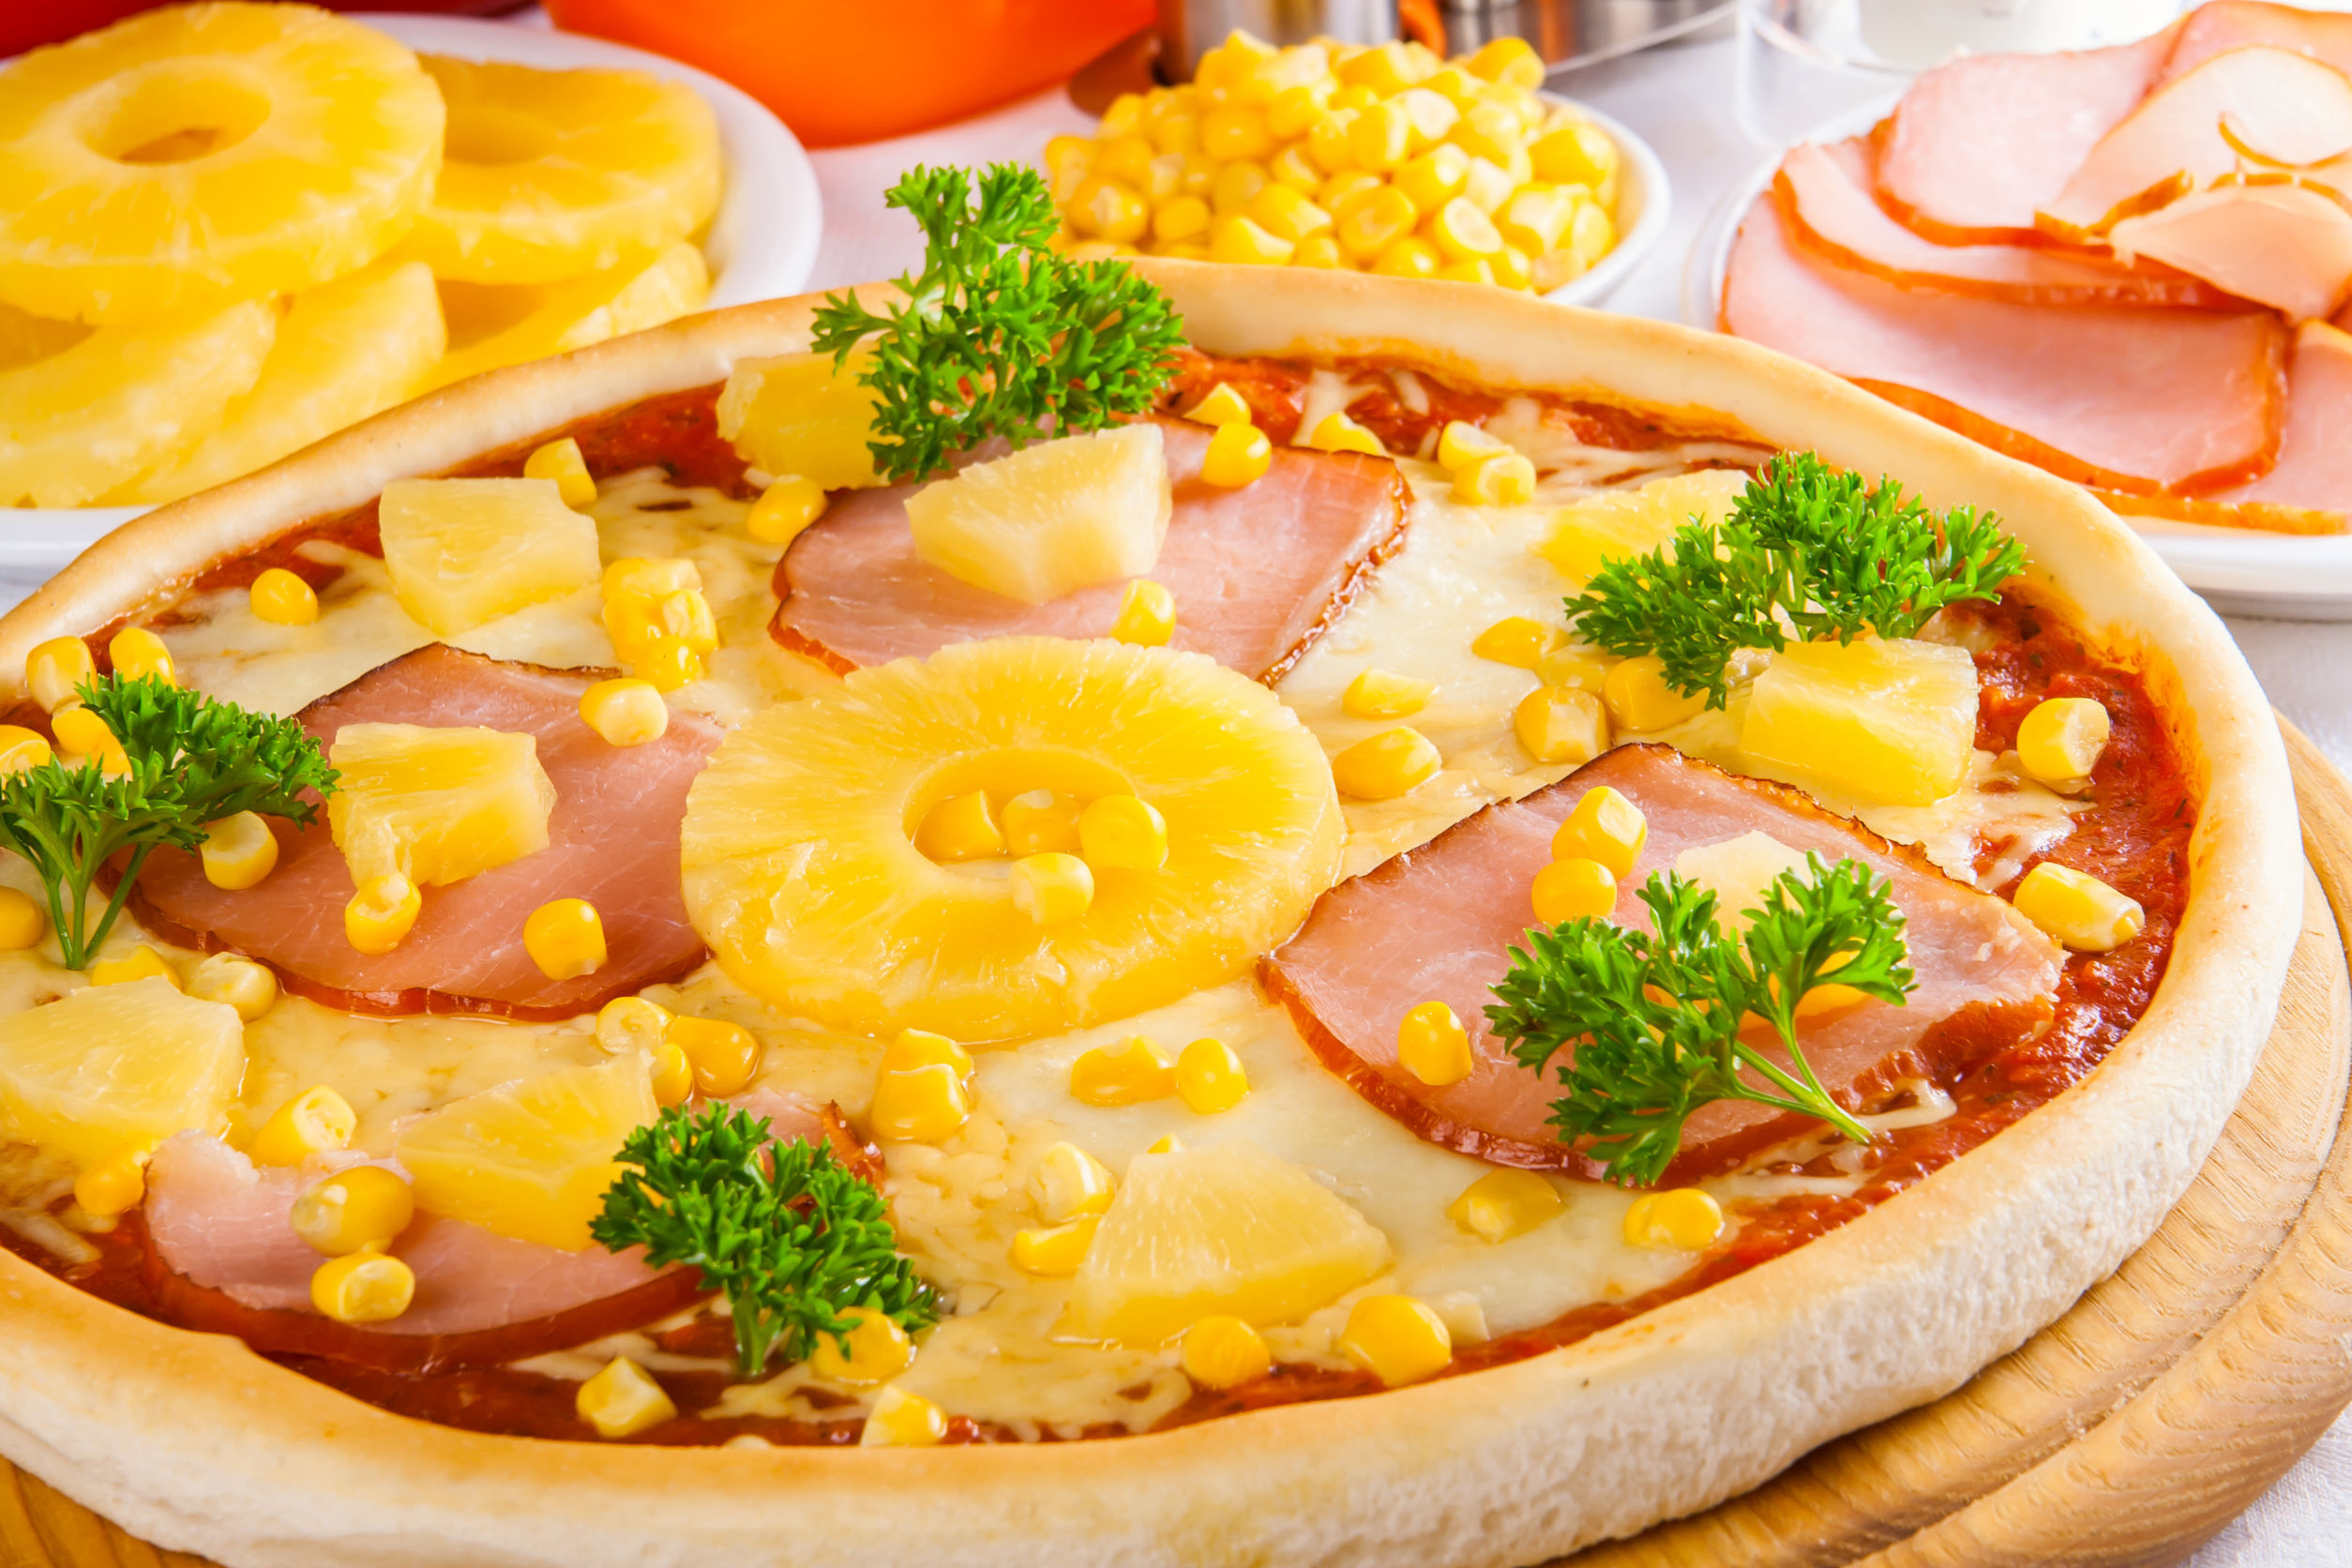 Preşedintele Islandei şi-ar dori să interzică ananasul ca topping pentru pizza